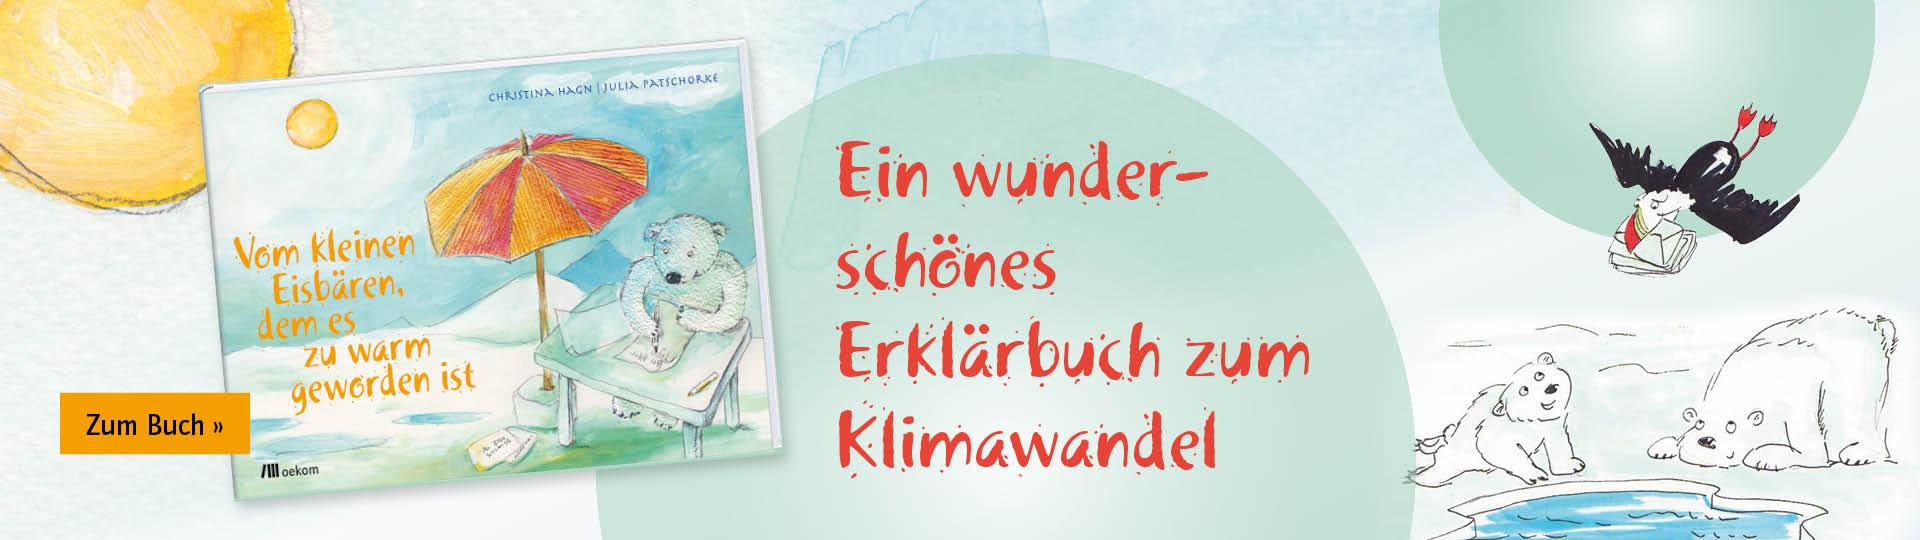 Kinderbuch zum Klimawandel